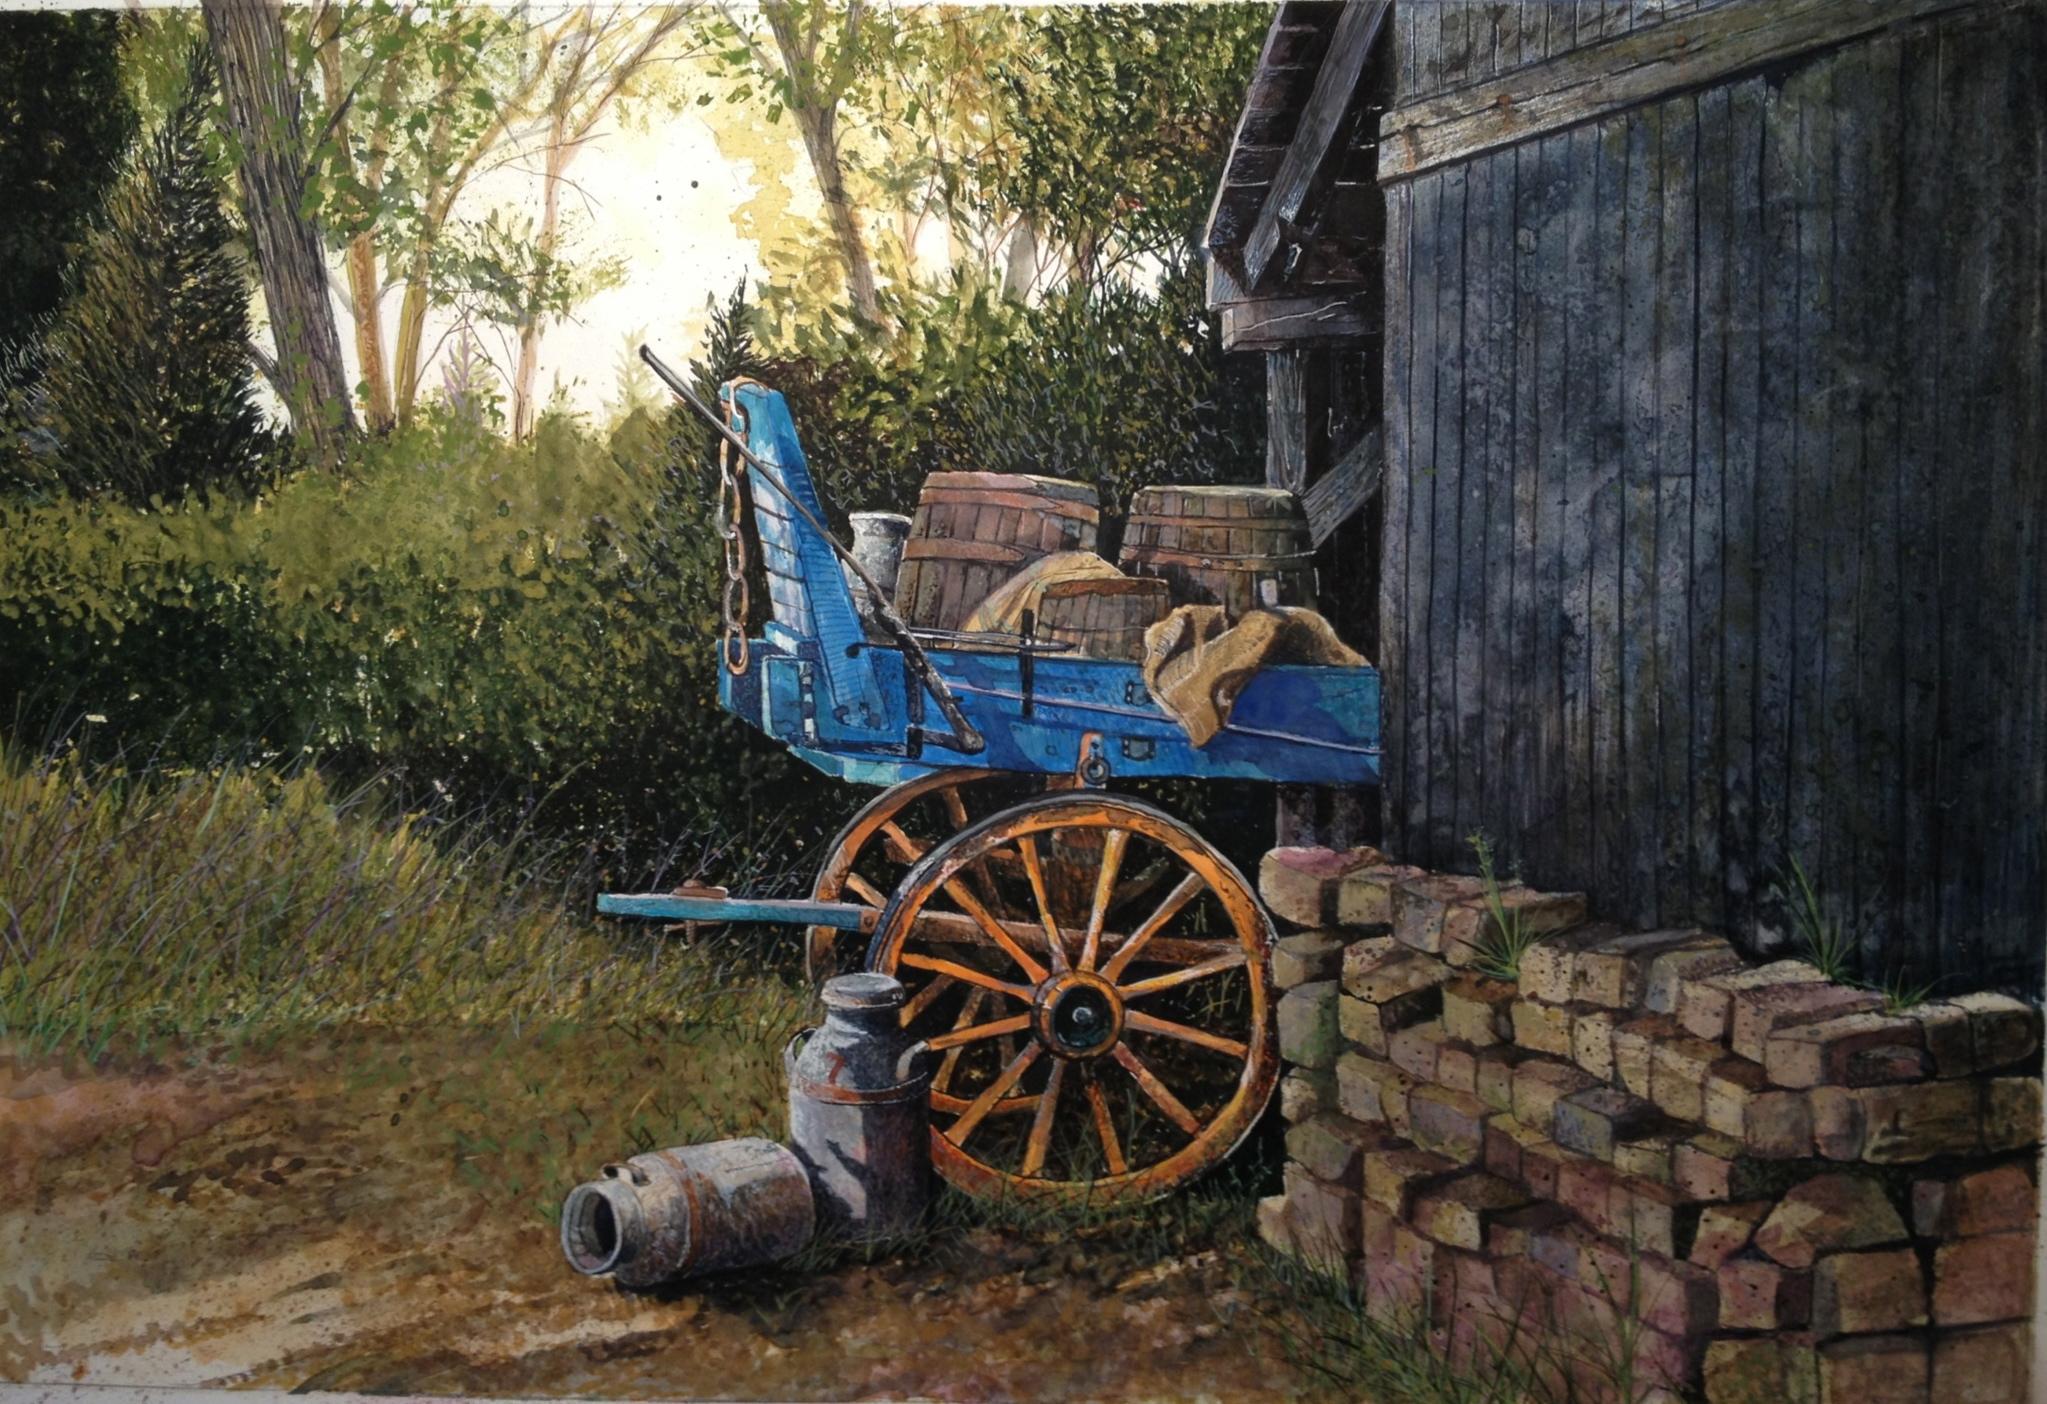 Asa's Wagon